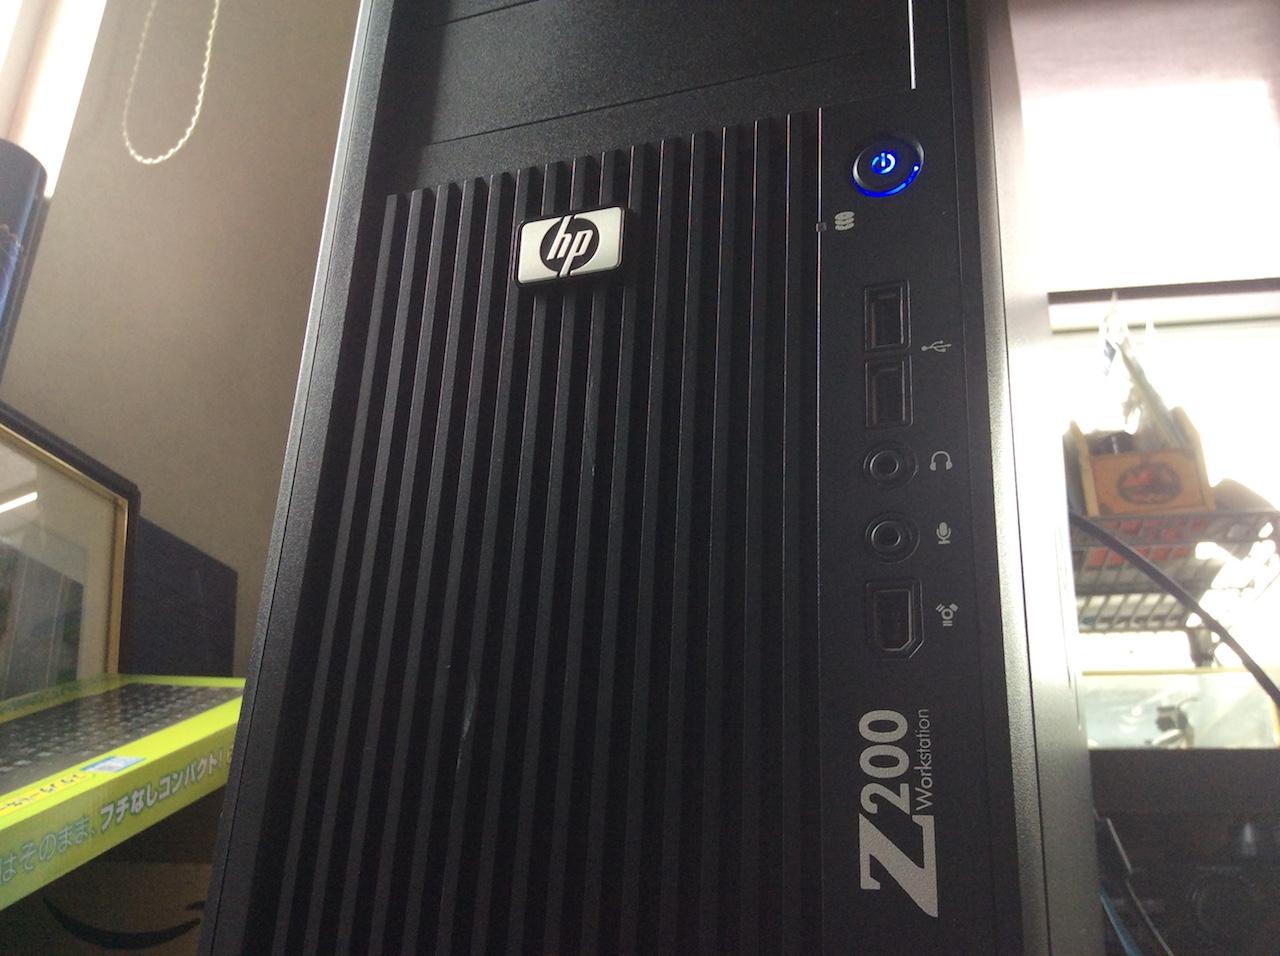 【WINDOWS】リモートデスクトップ接続で、マイニングPCを操作する